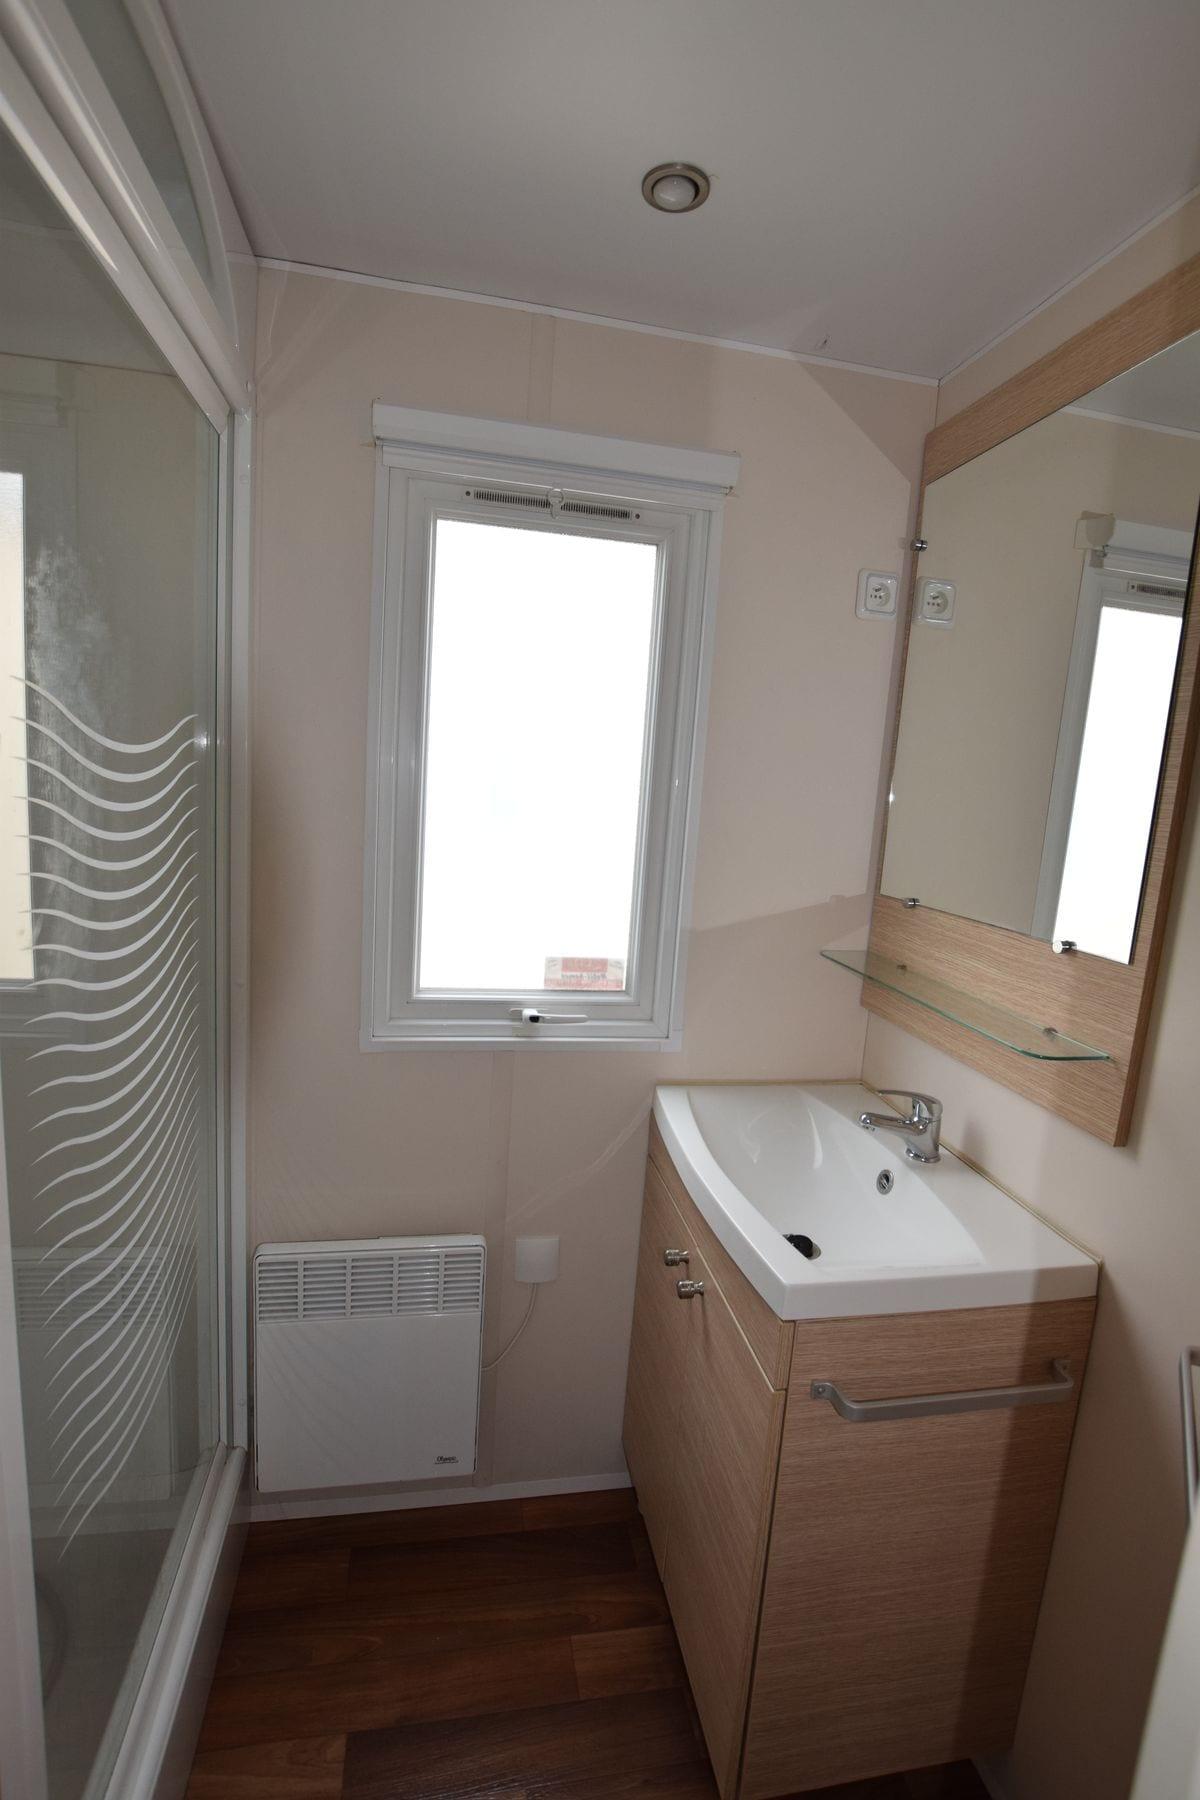 1ere salle de bains